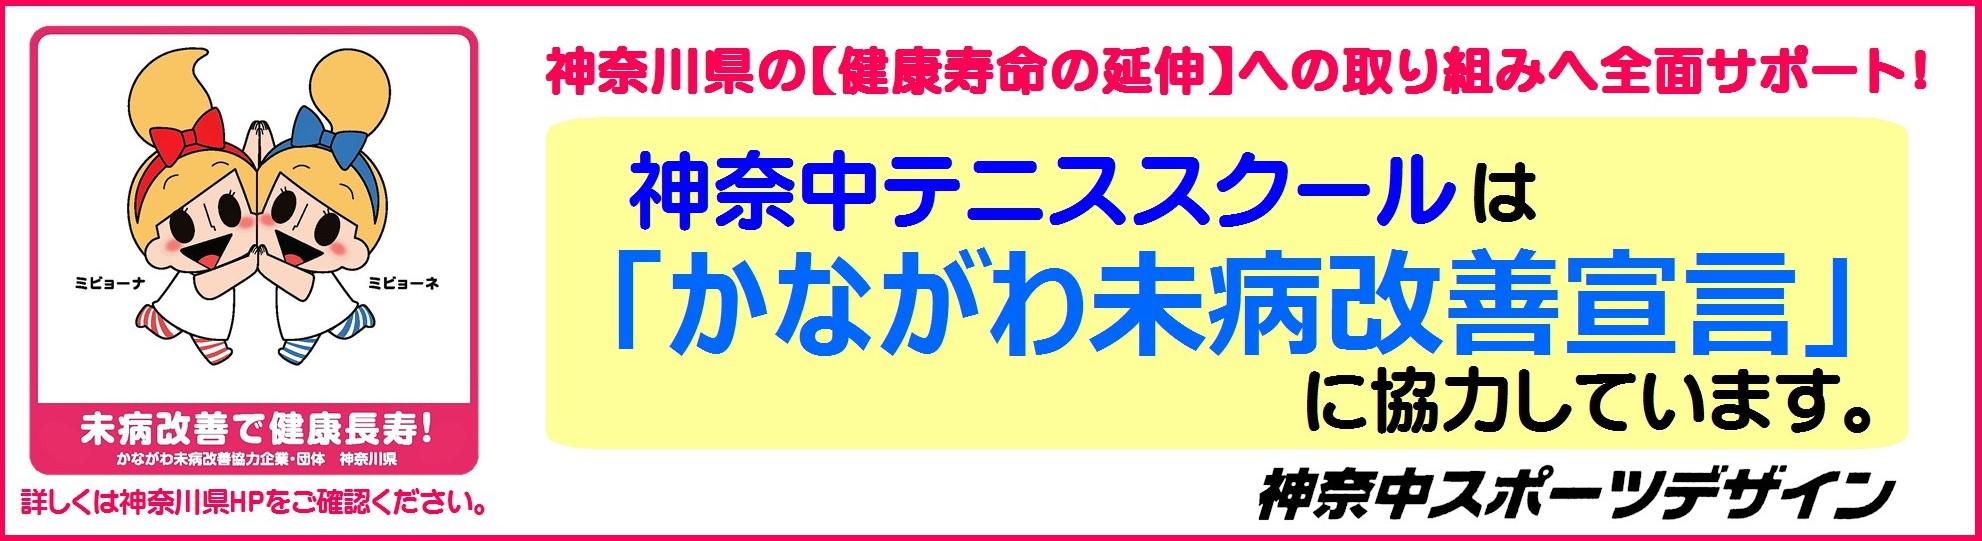 神奈中テニススクールは「かながわ未病改善宣言」に協力しています。